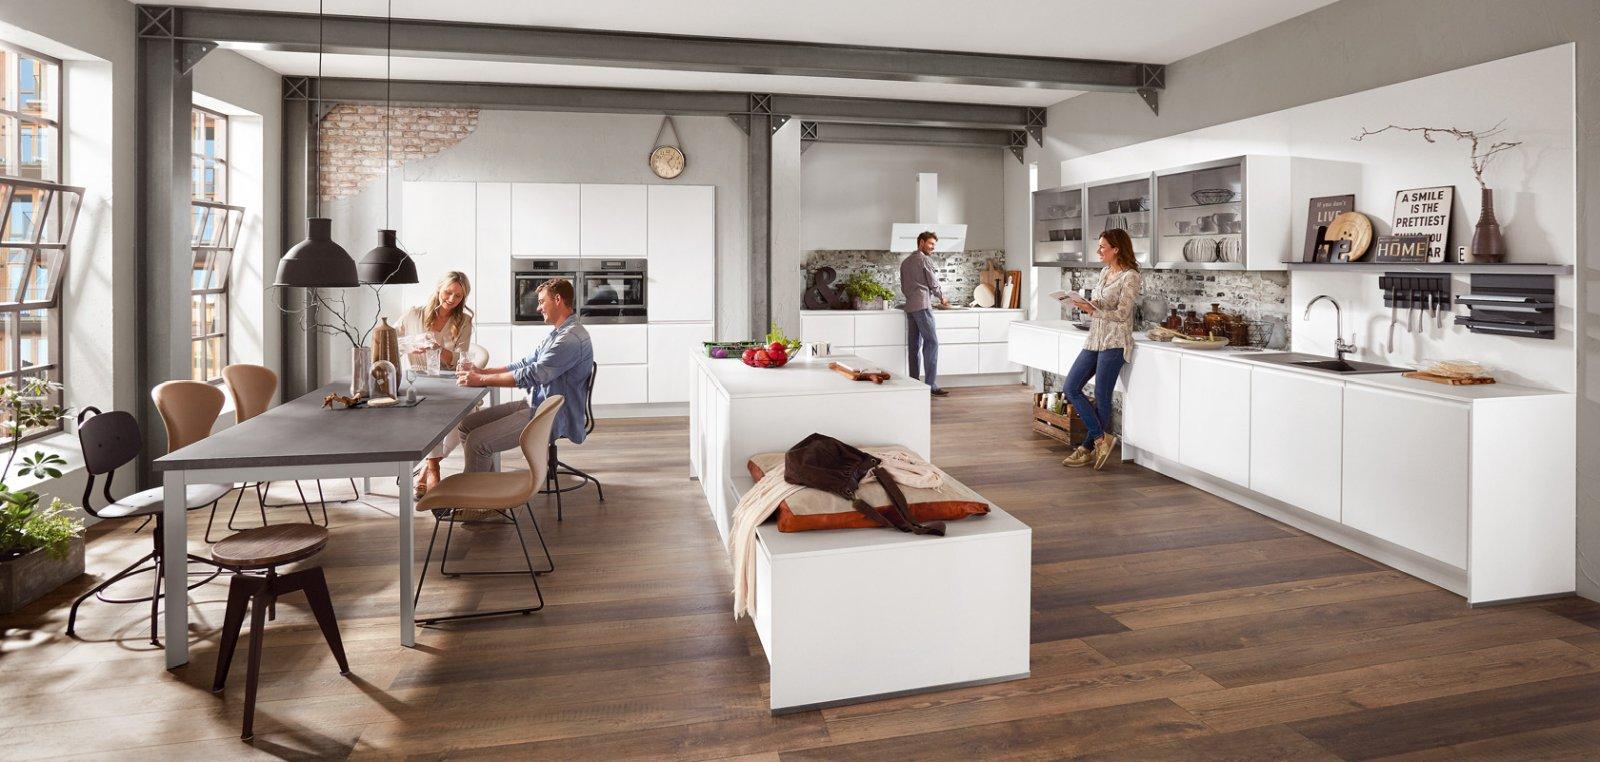 Meble kuchenne NOBILIA INLINE 551 biały alpejski matowy, lakier - Nowoczesna, otwarta kuchnia w układzie jednorzędowym z bezuchwytowym systemem otwierania szafek i szuflad - FM KUCHNIE Kraków